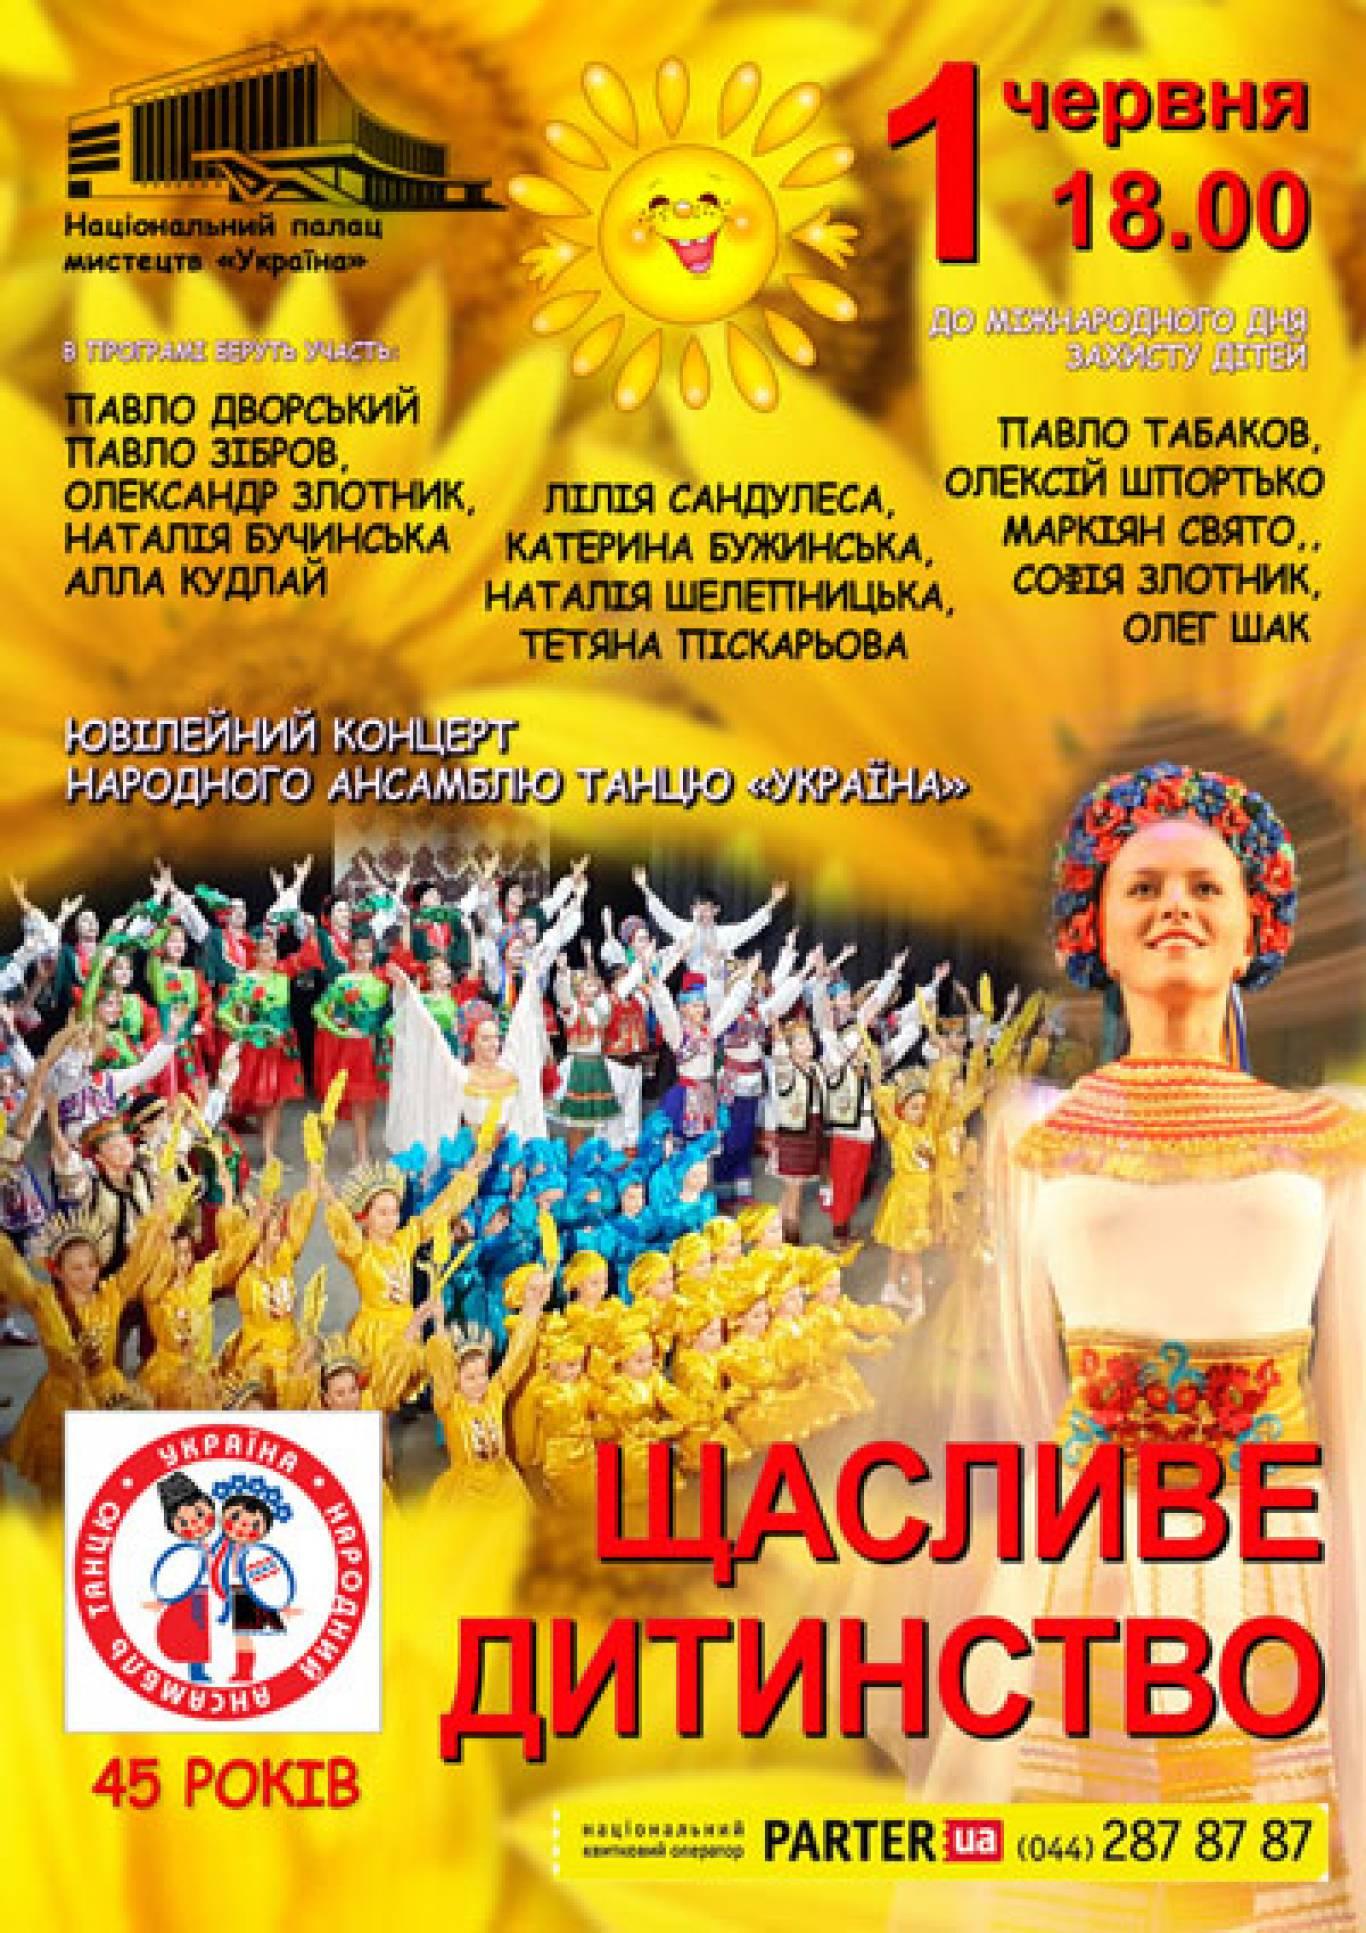 Концерт «Щасливе дитинство»